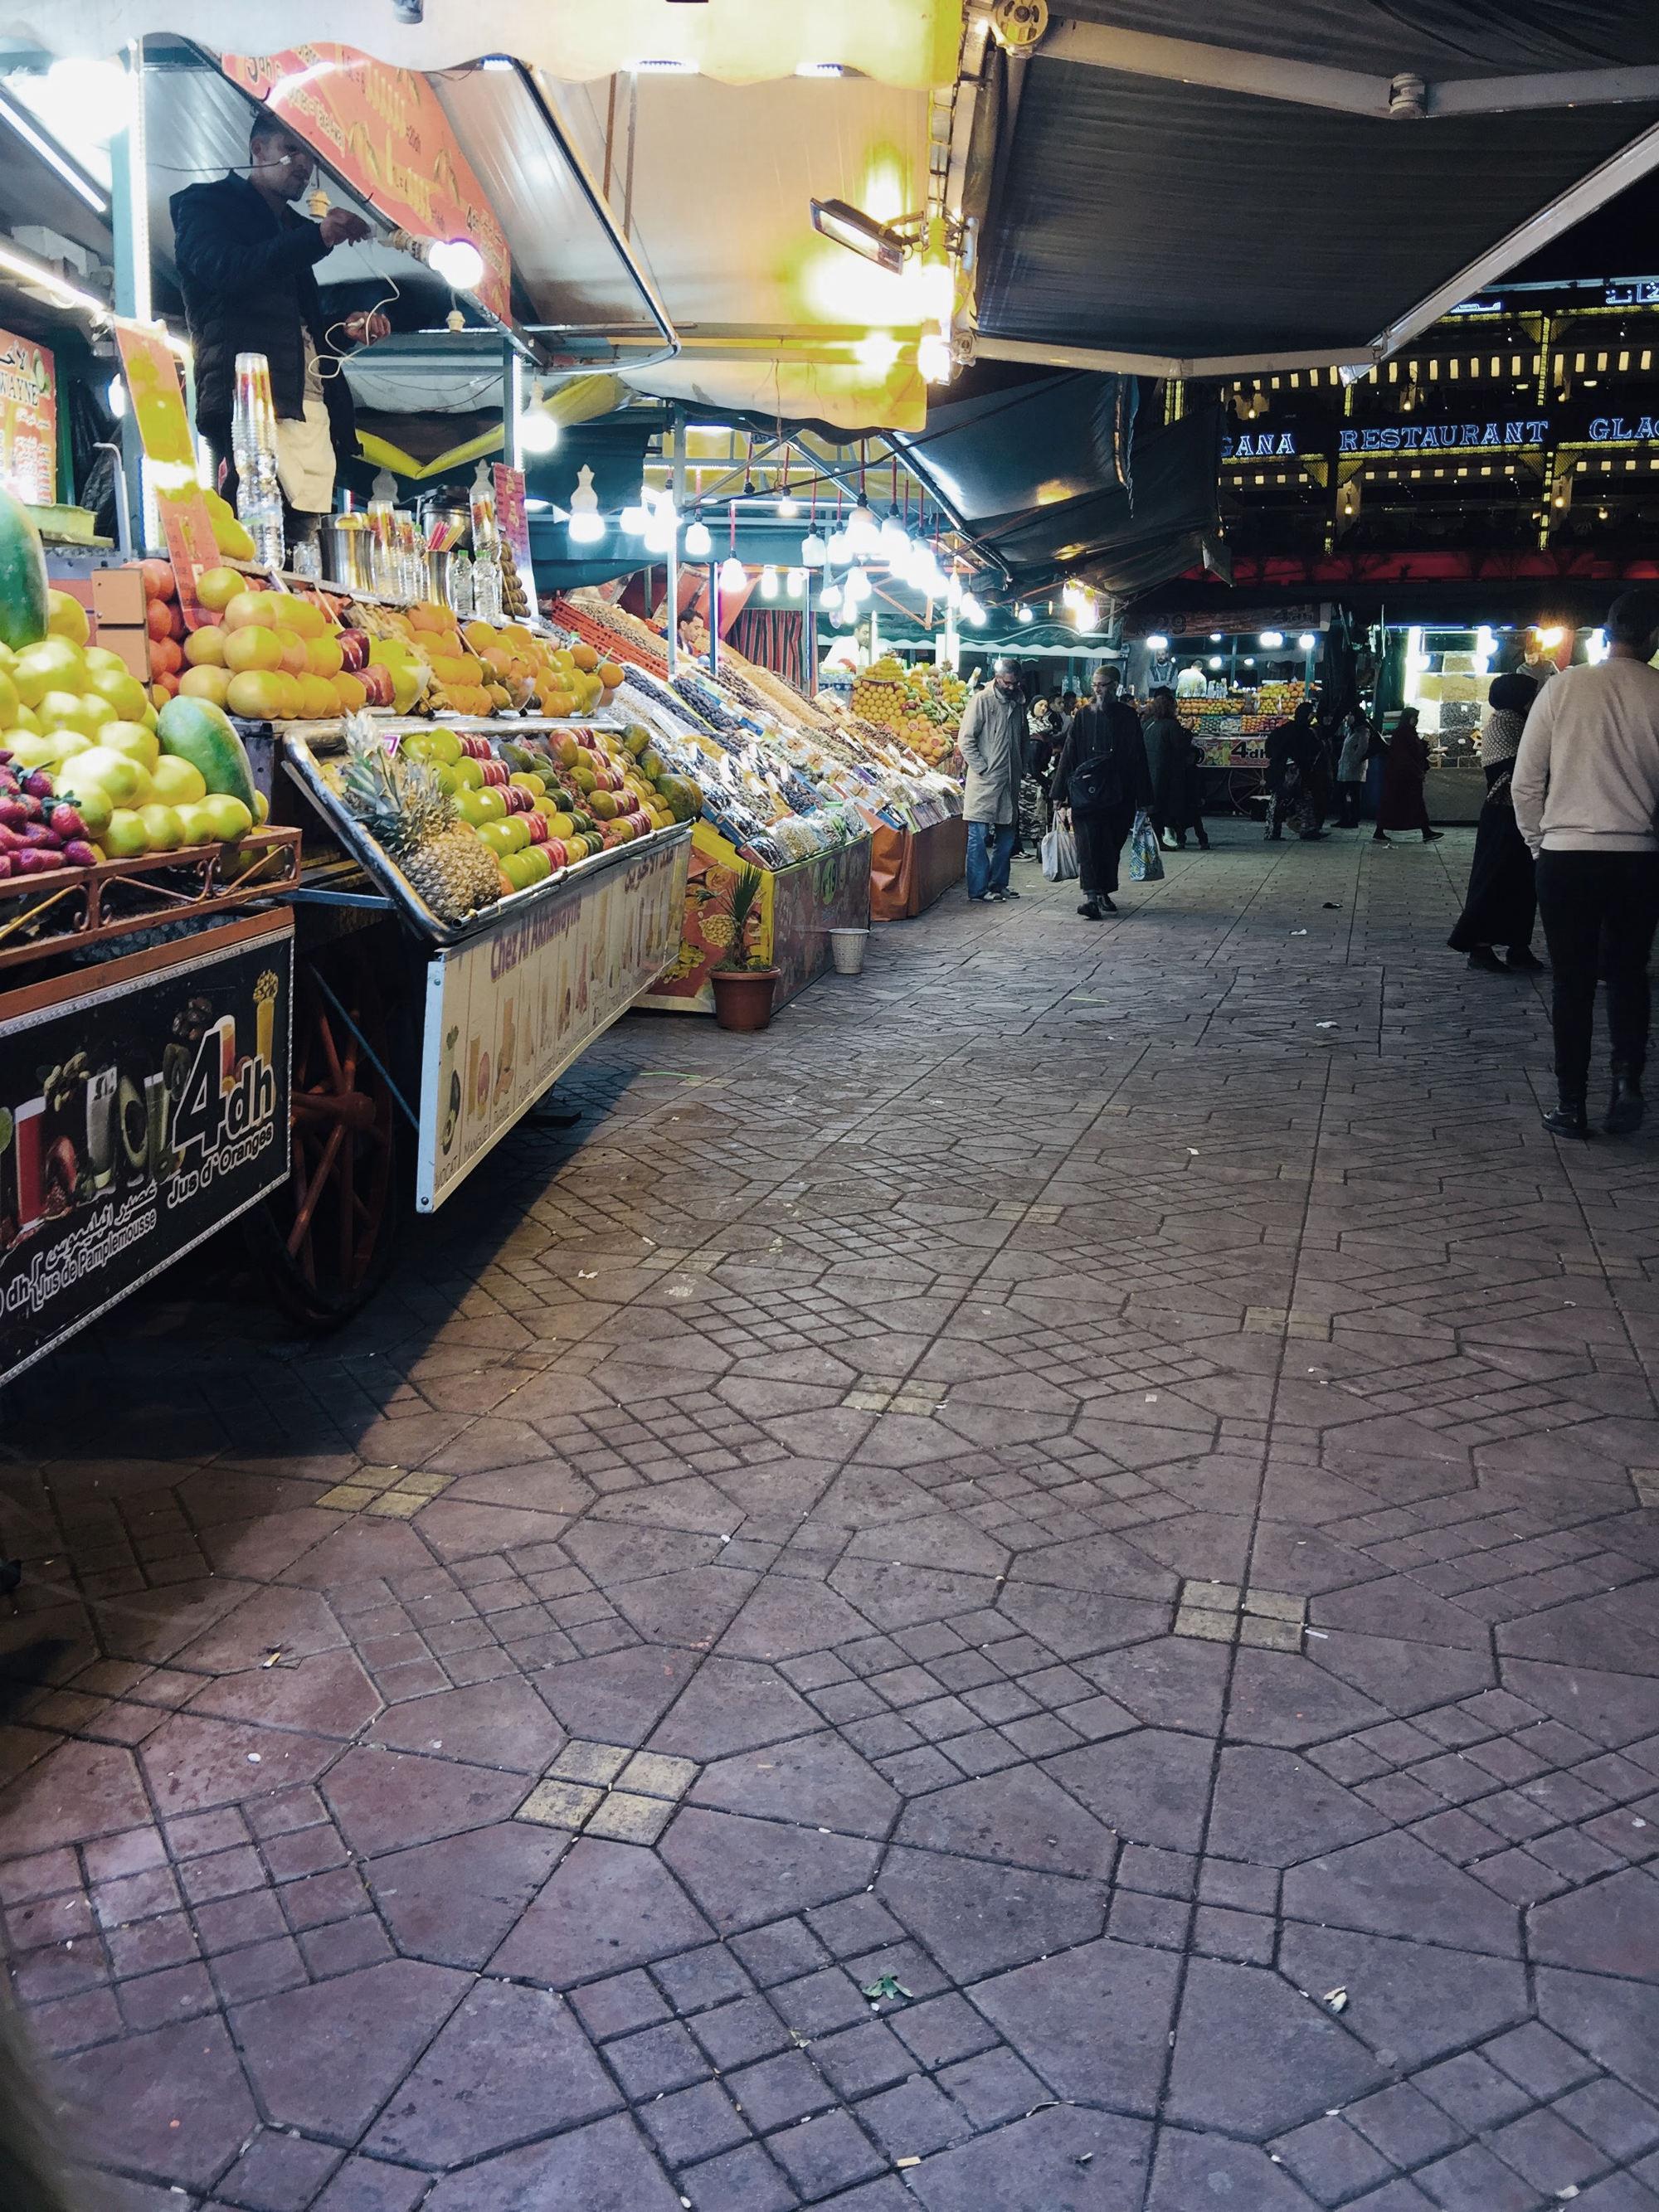 Sehenswürdigkeiten Marrakesch: Djemna de Fna Saftstände bei Nacht